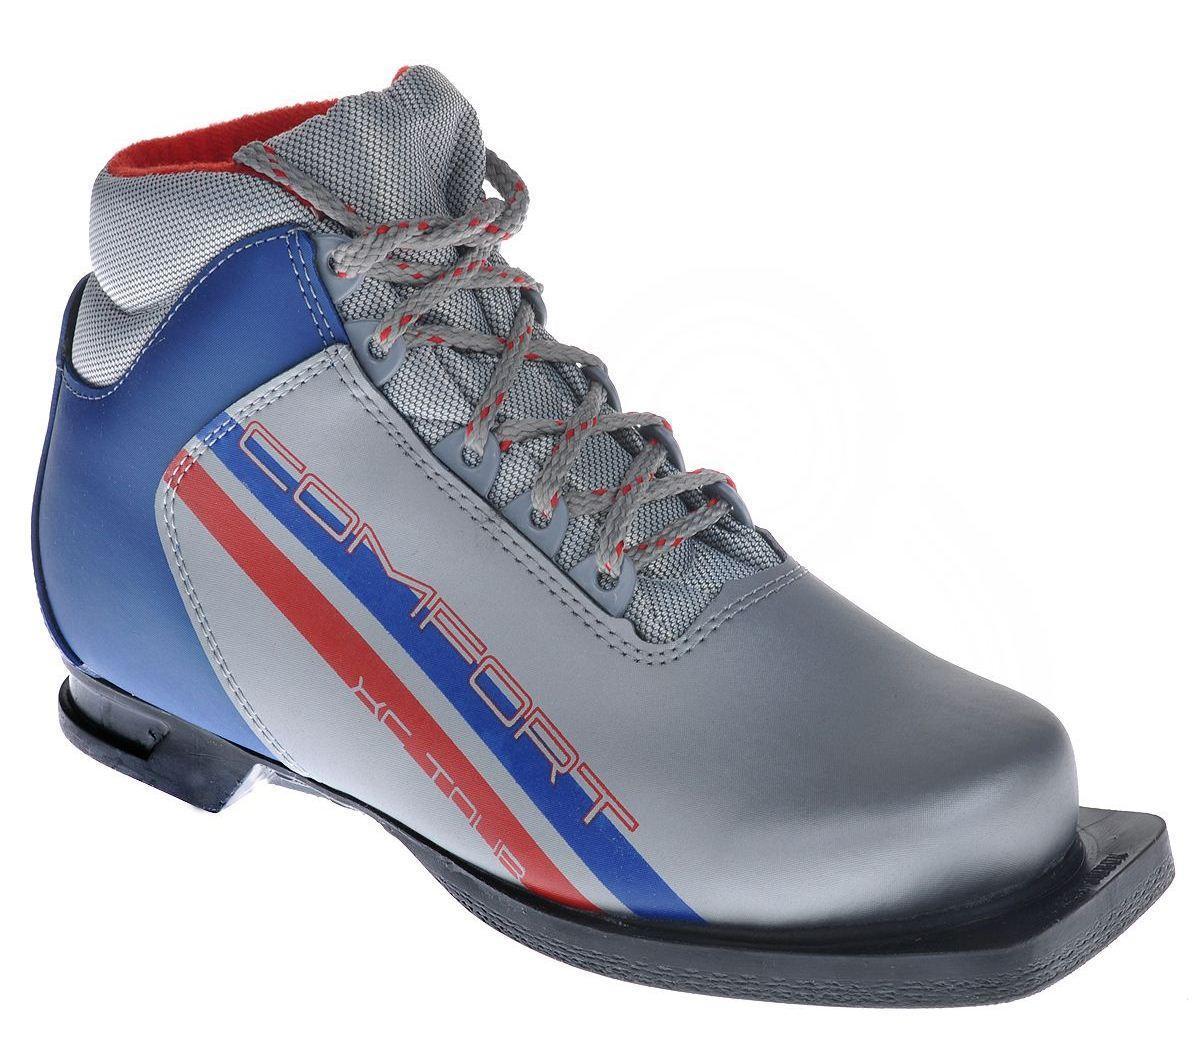 Ботинки лыжные Marax Comfort, цвет: серебро-синий. 340. Размер 44